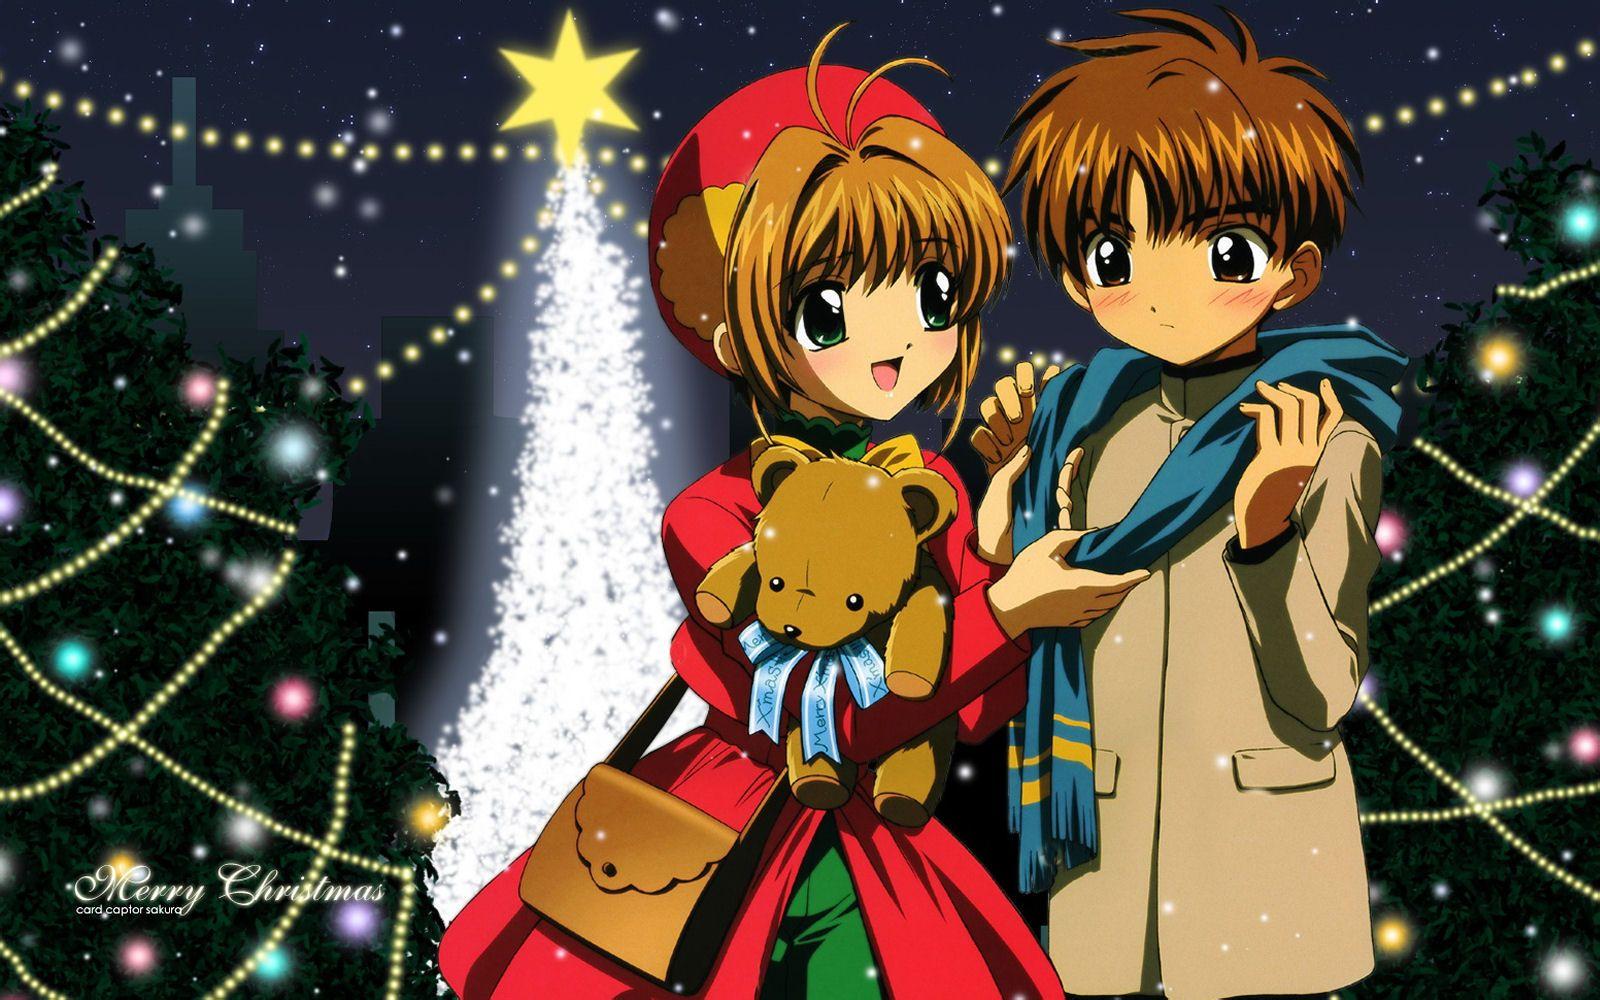 谁有魔卡少女樱里小樱与小狼的手机壁纸 备注 二人在一起高清图片